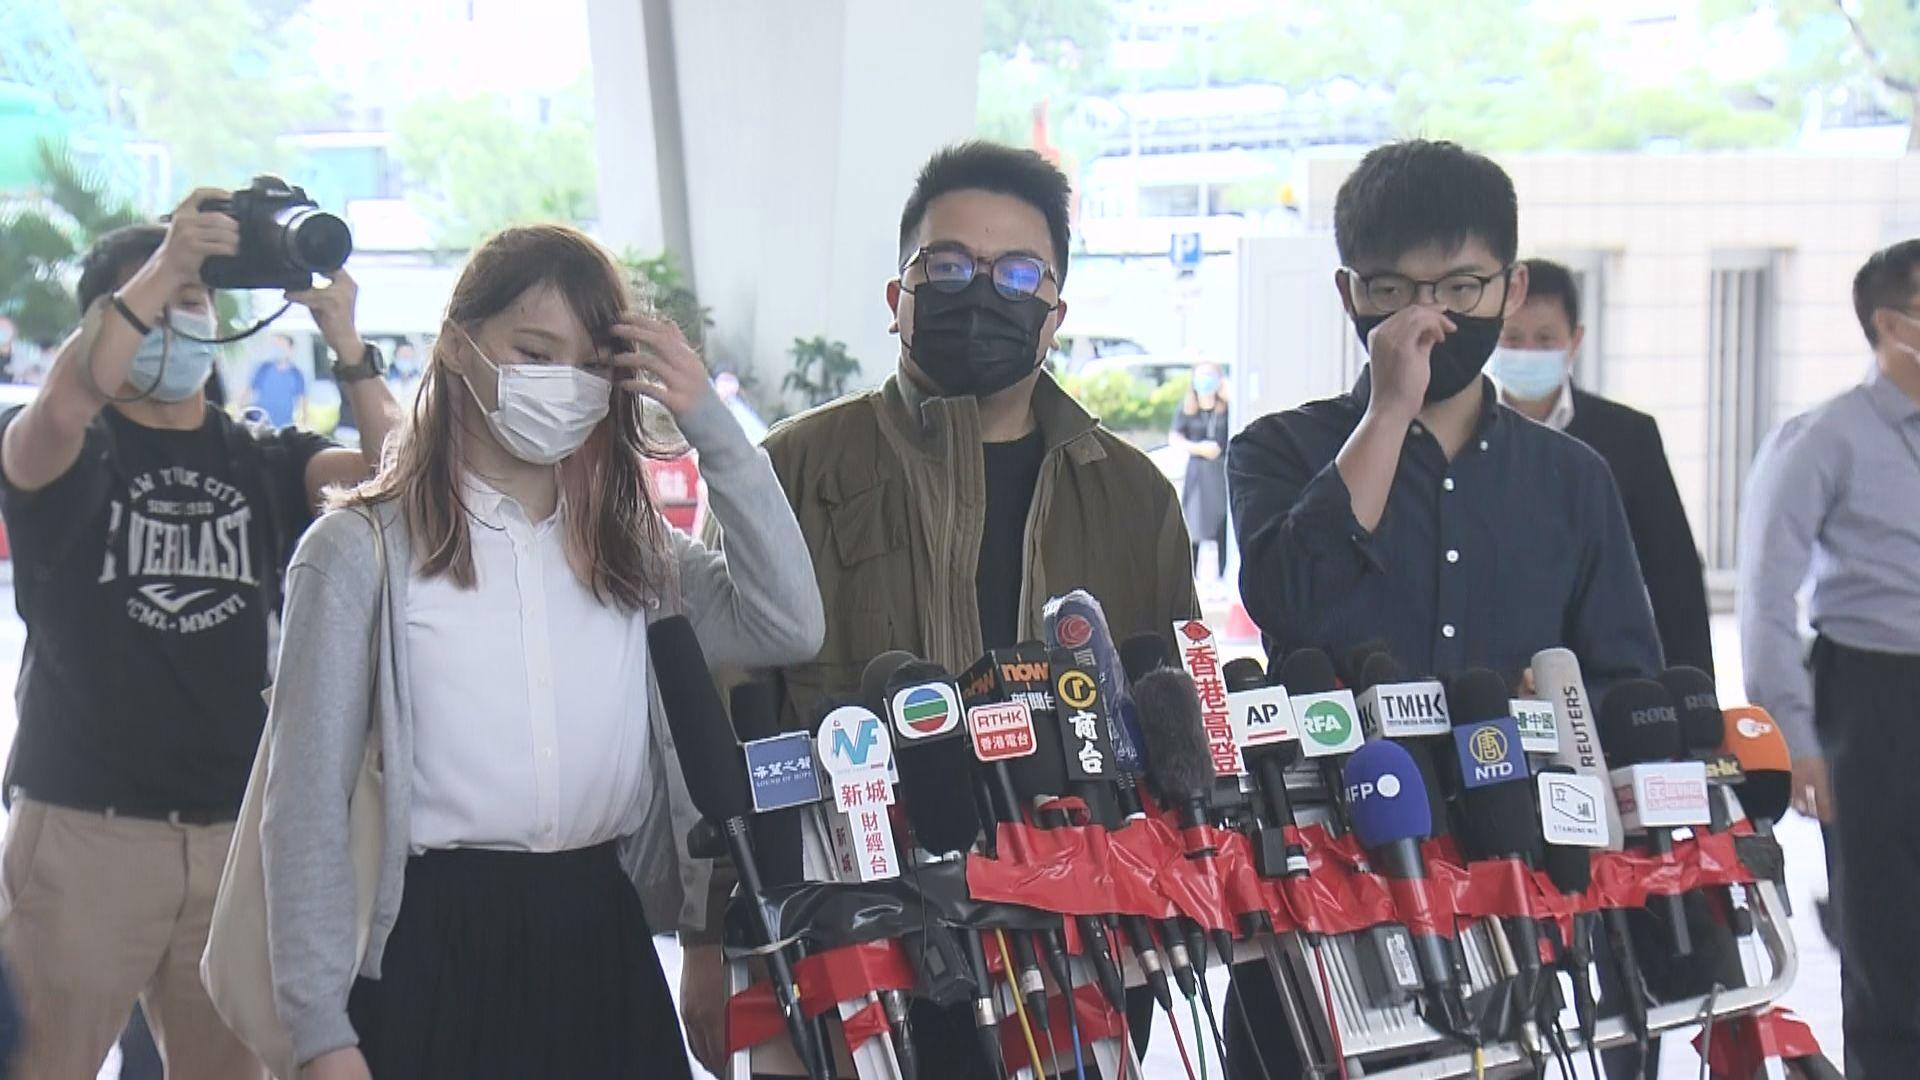 去年621包圍警總 黃之鋒周庭及林朗彥出庭答辯